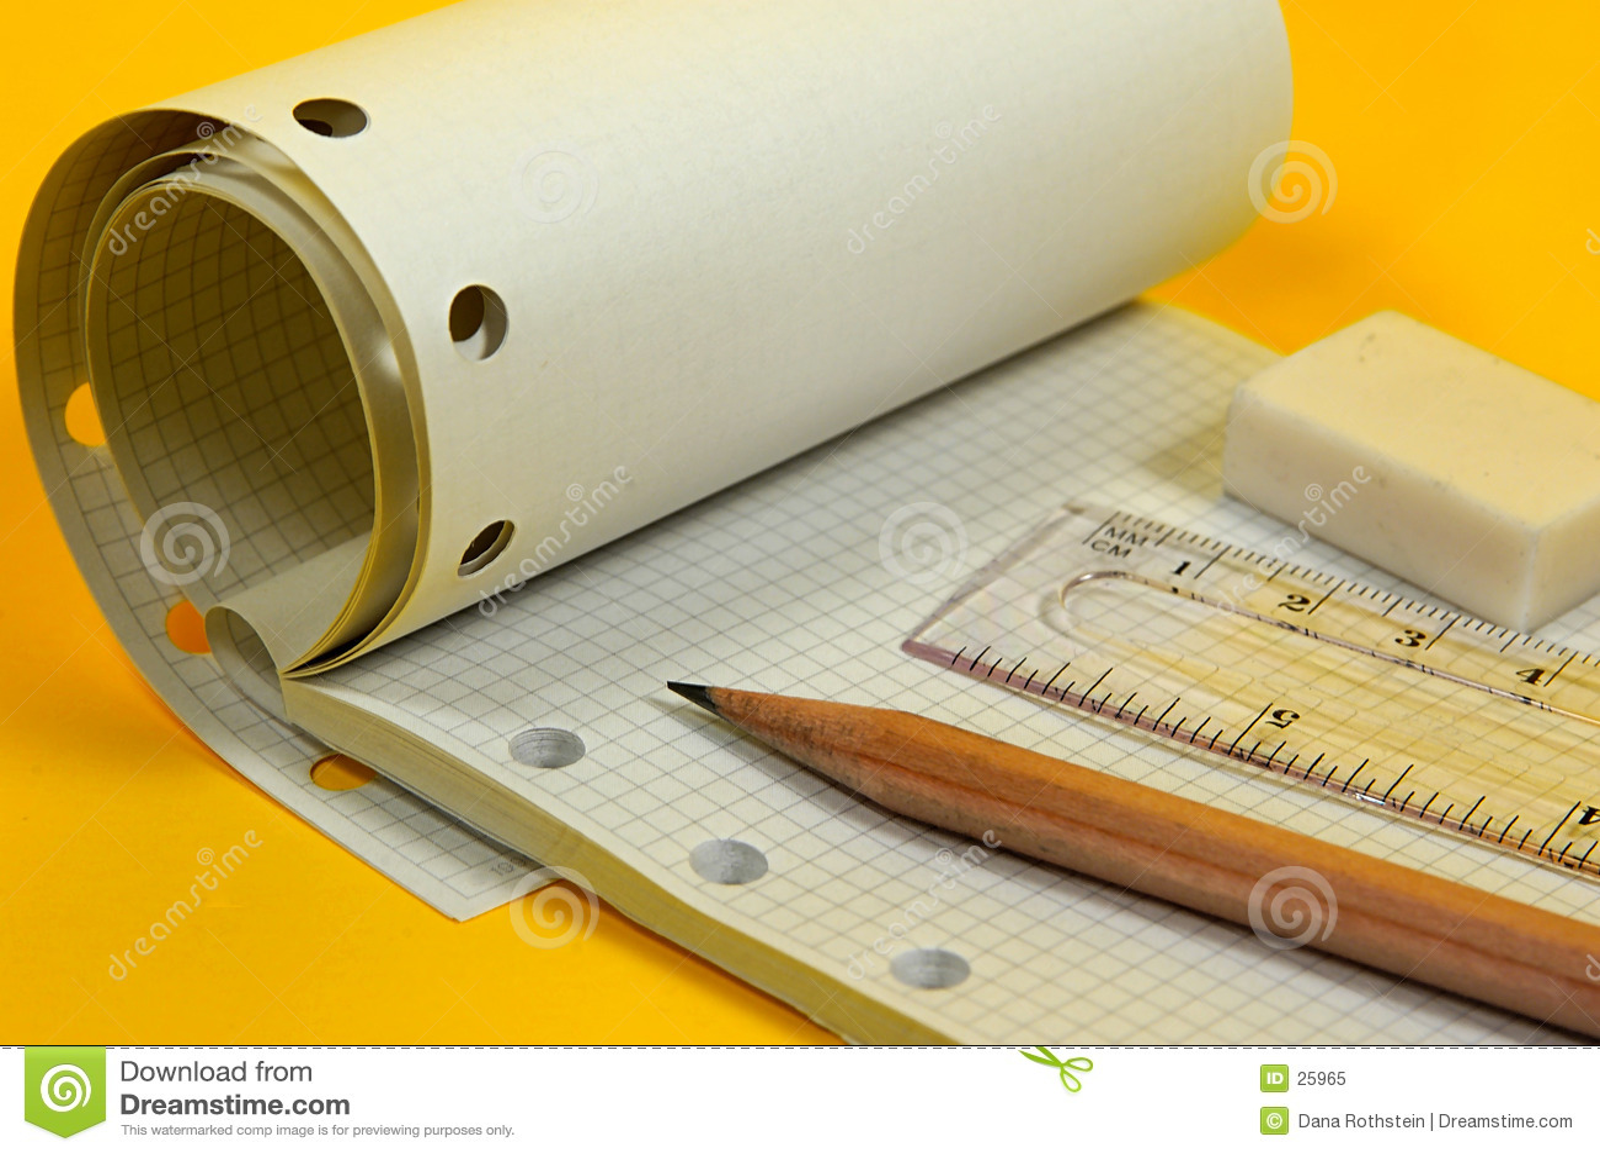 Design Notes 2